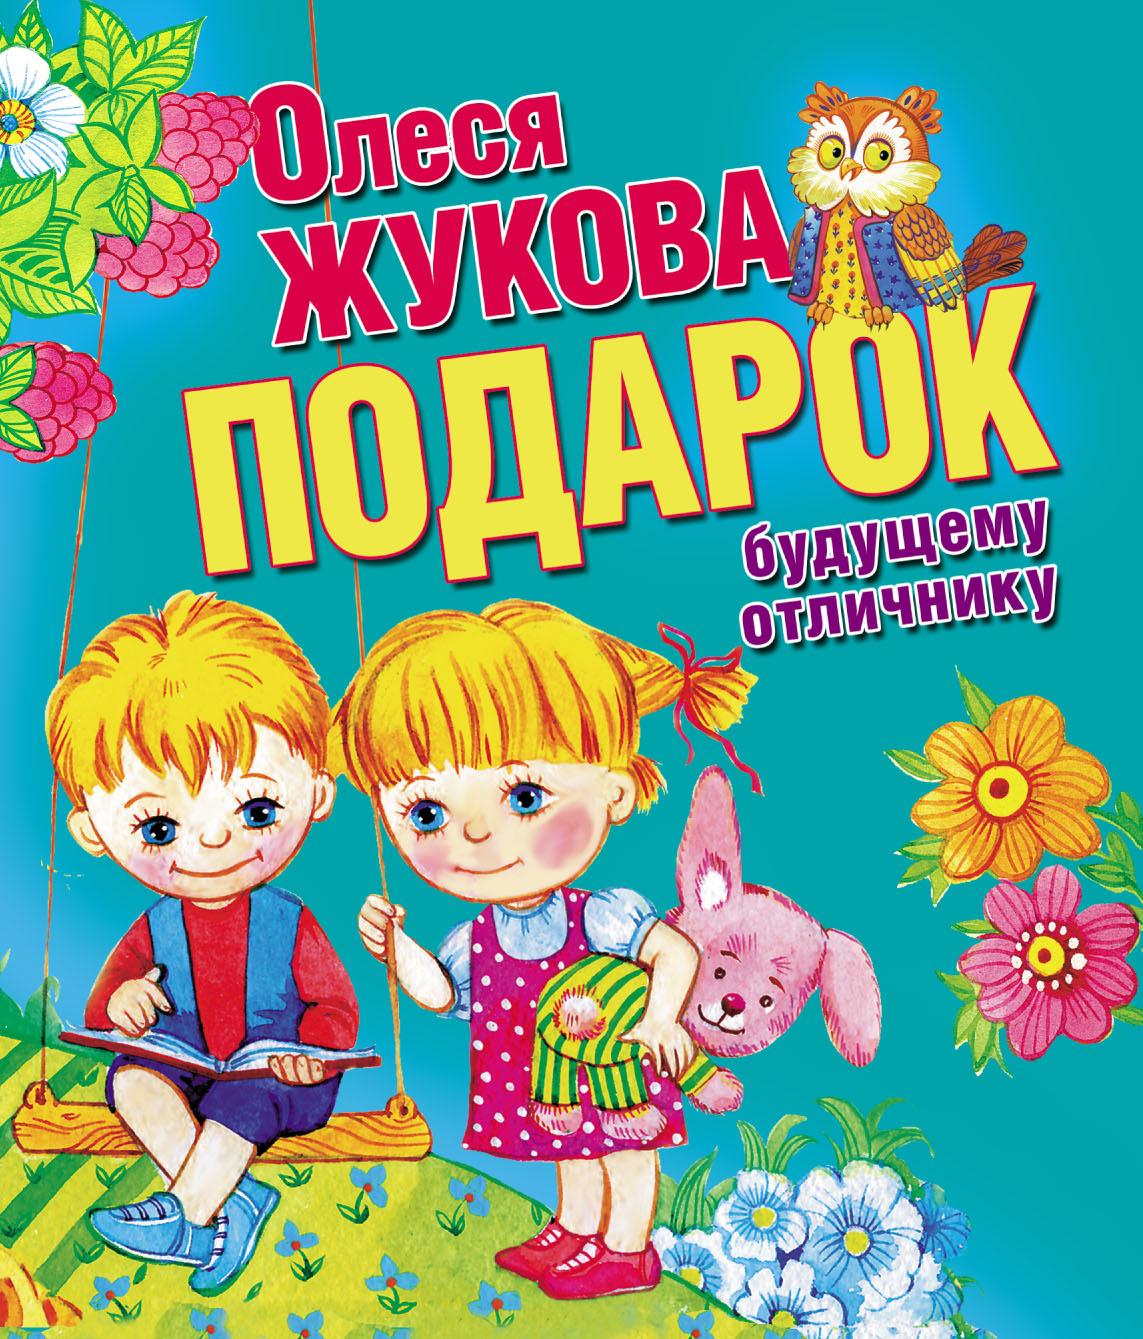 Олеся Жукова Подарок будущему отличнику жукова олеся станиславовна первая книга для чтения с крупными буквами и наклейками